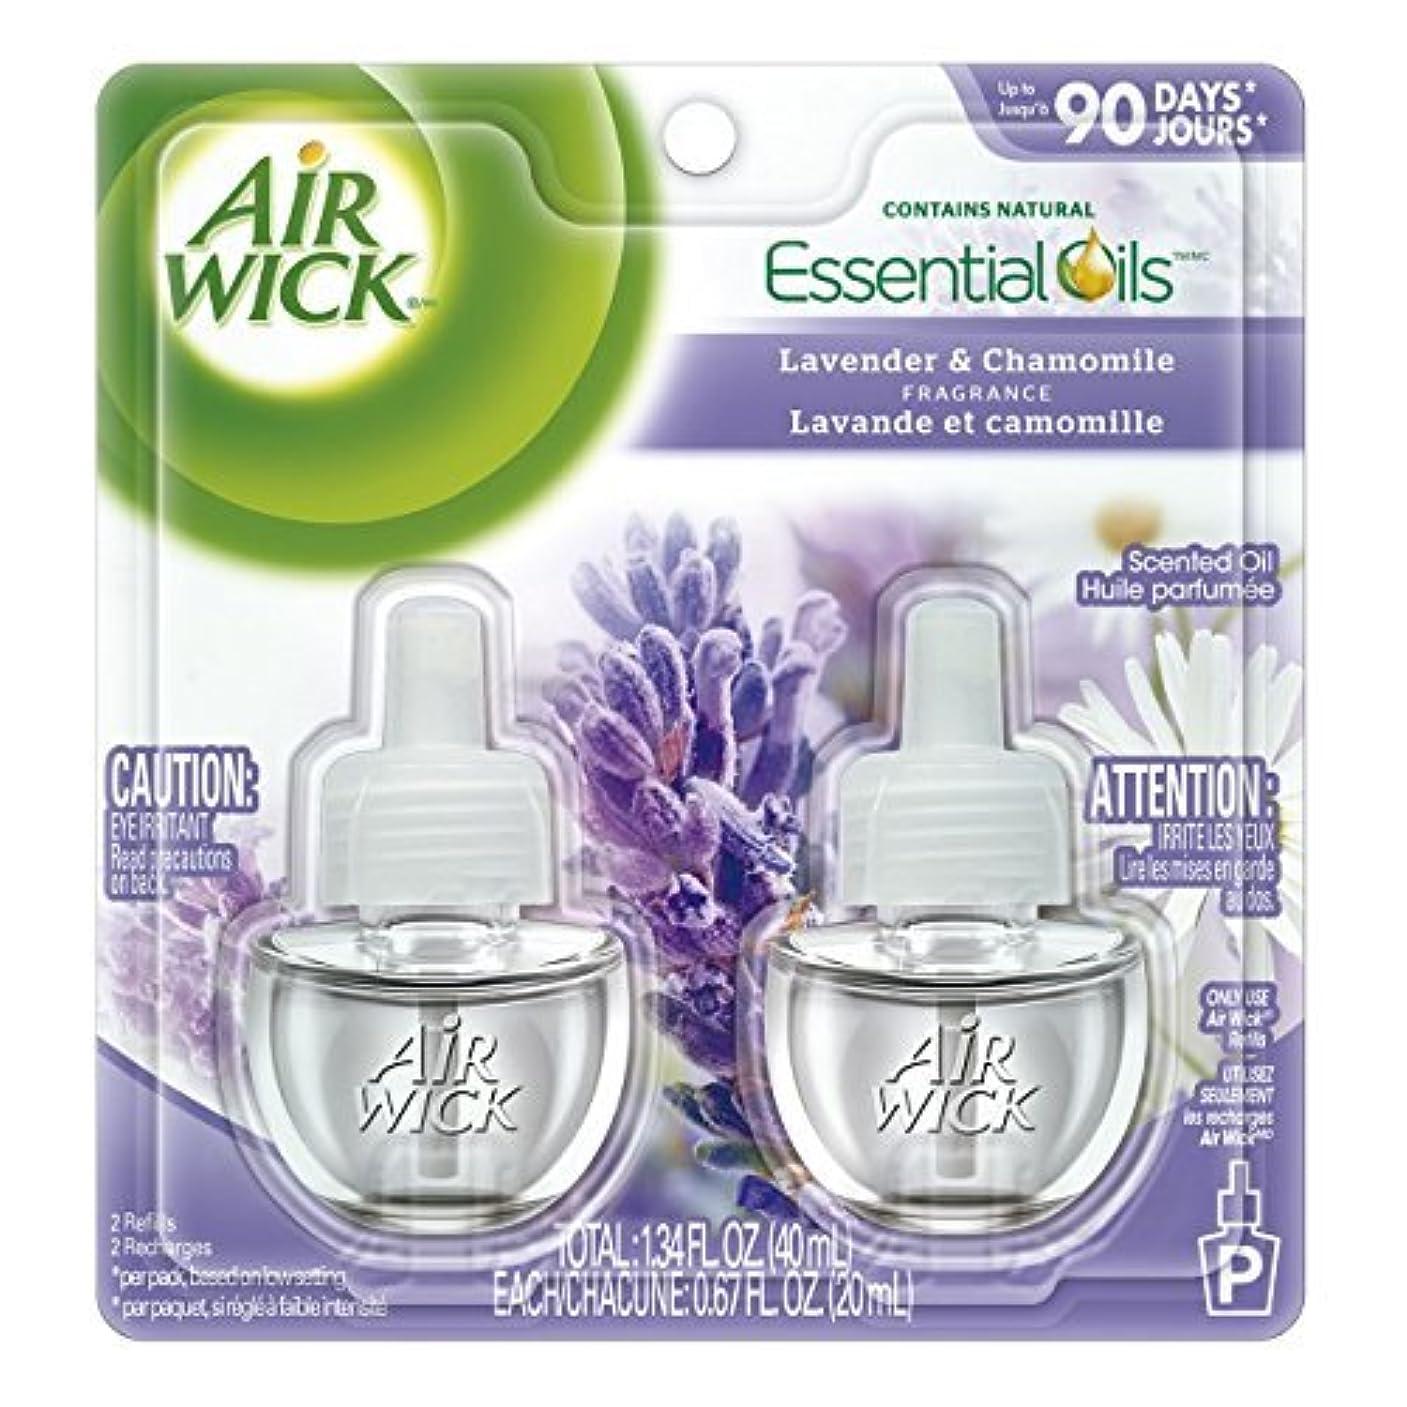 ヨーグルト傾向関係する【Air Wick/エアーウィック】 プラグインオイル詰替えリフィル(2個入り) ラベンダー&カモミール Air Wick Scented Oil Twin Refill Lavender & Chamomile (2X.67) Oz. [並行輸入品]